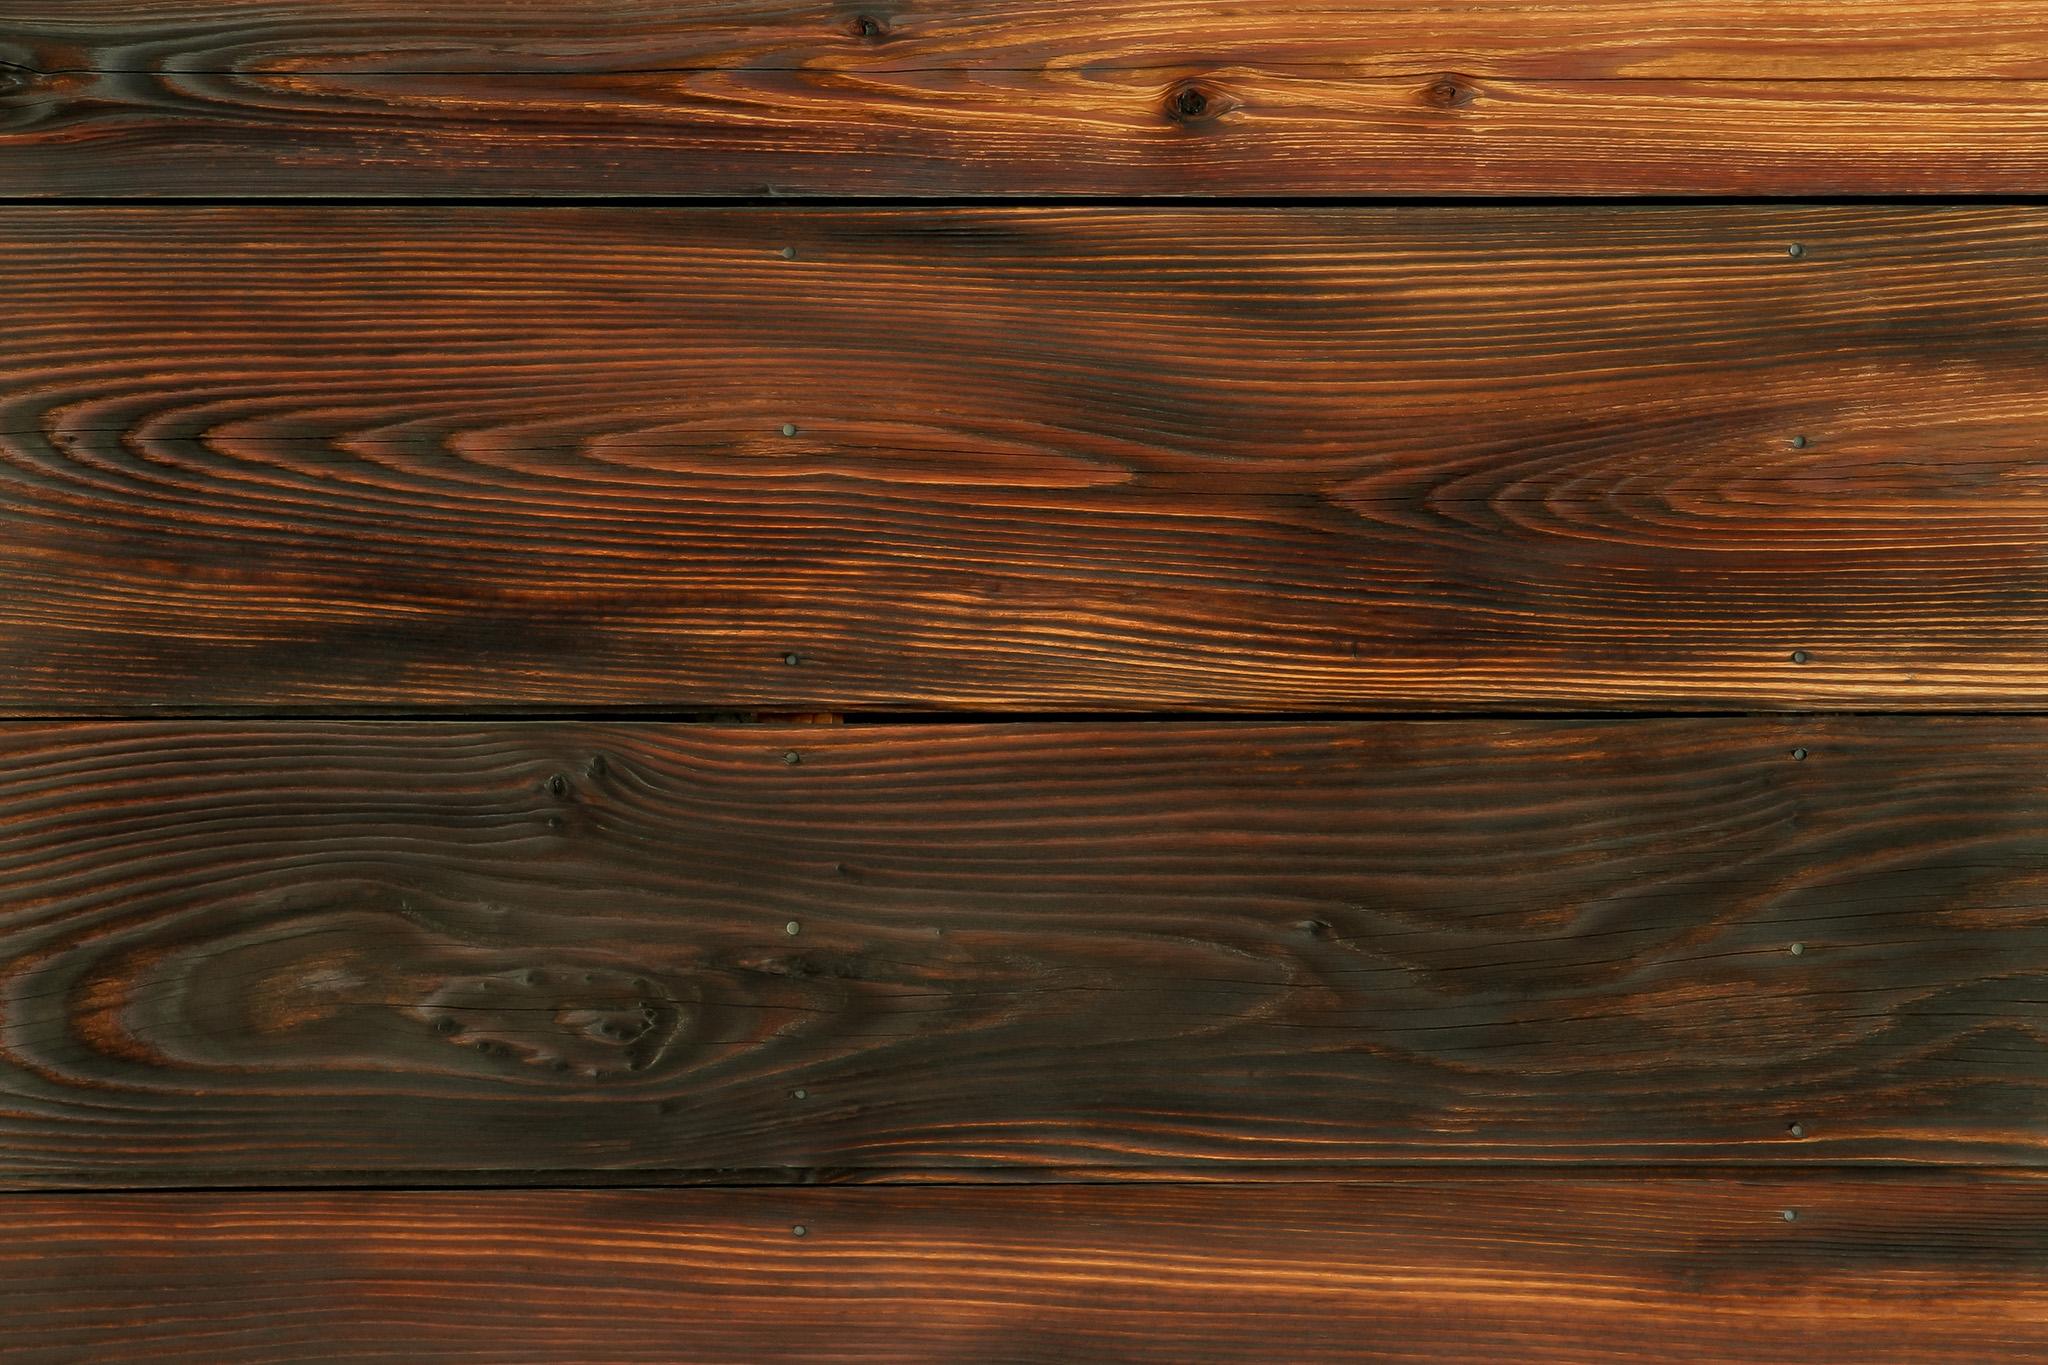 「焼き杉板の木壁」